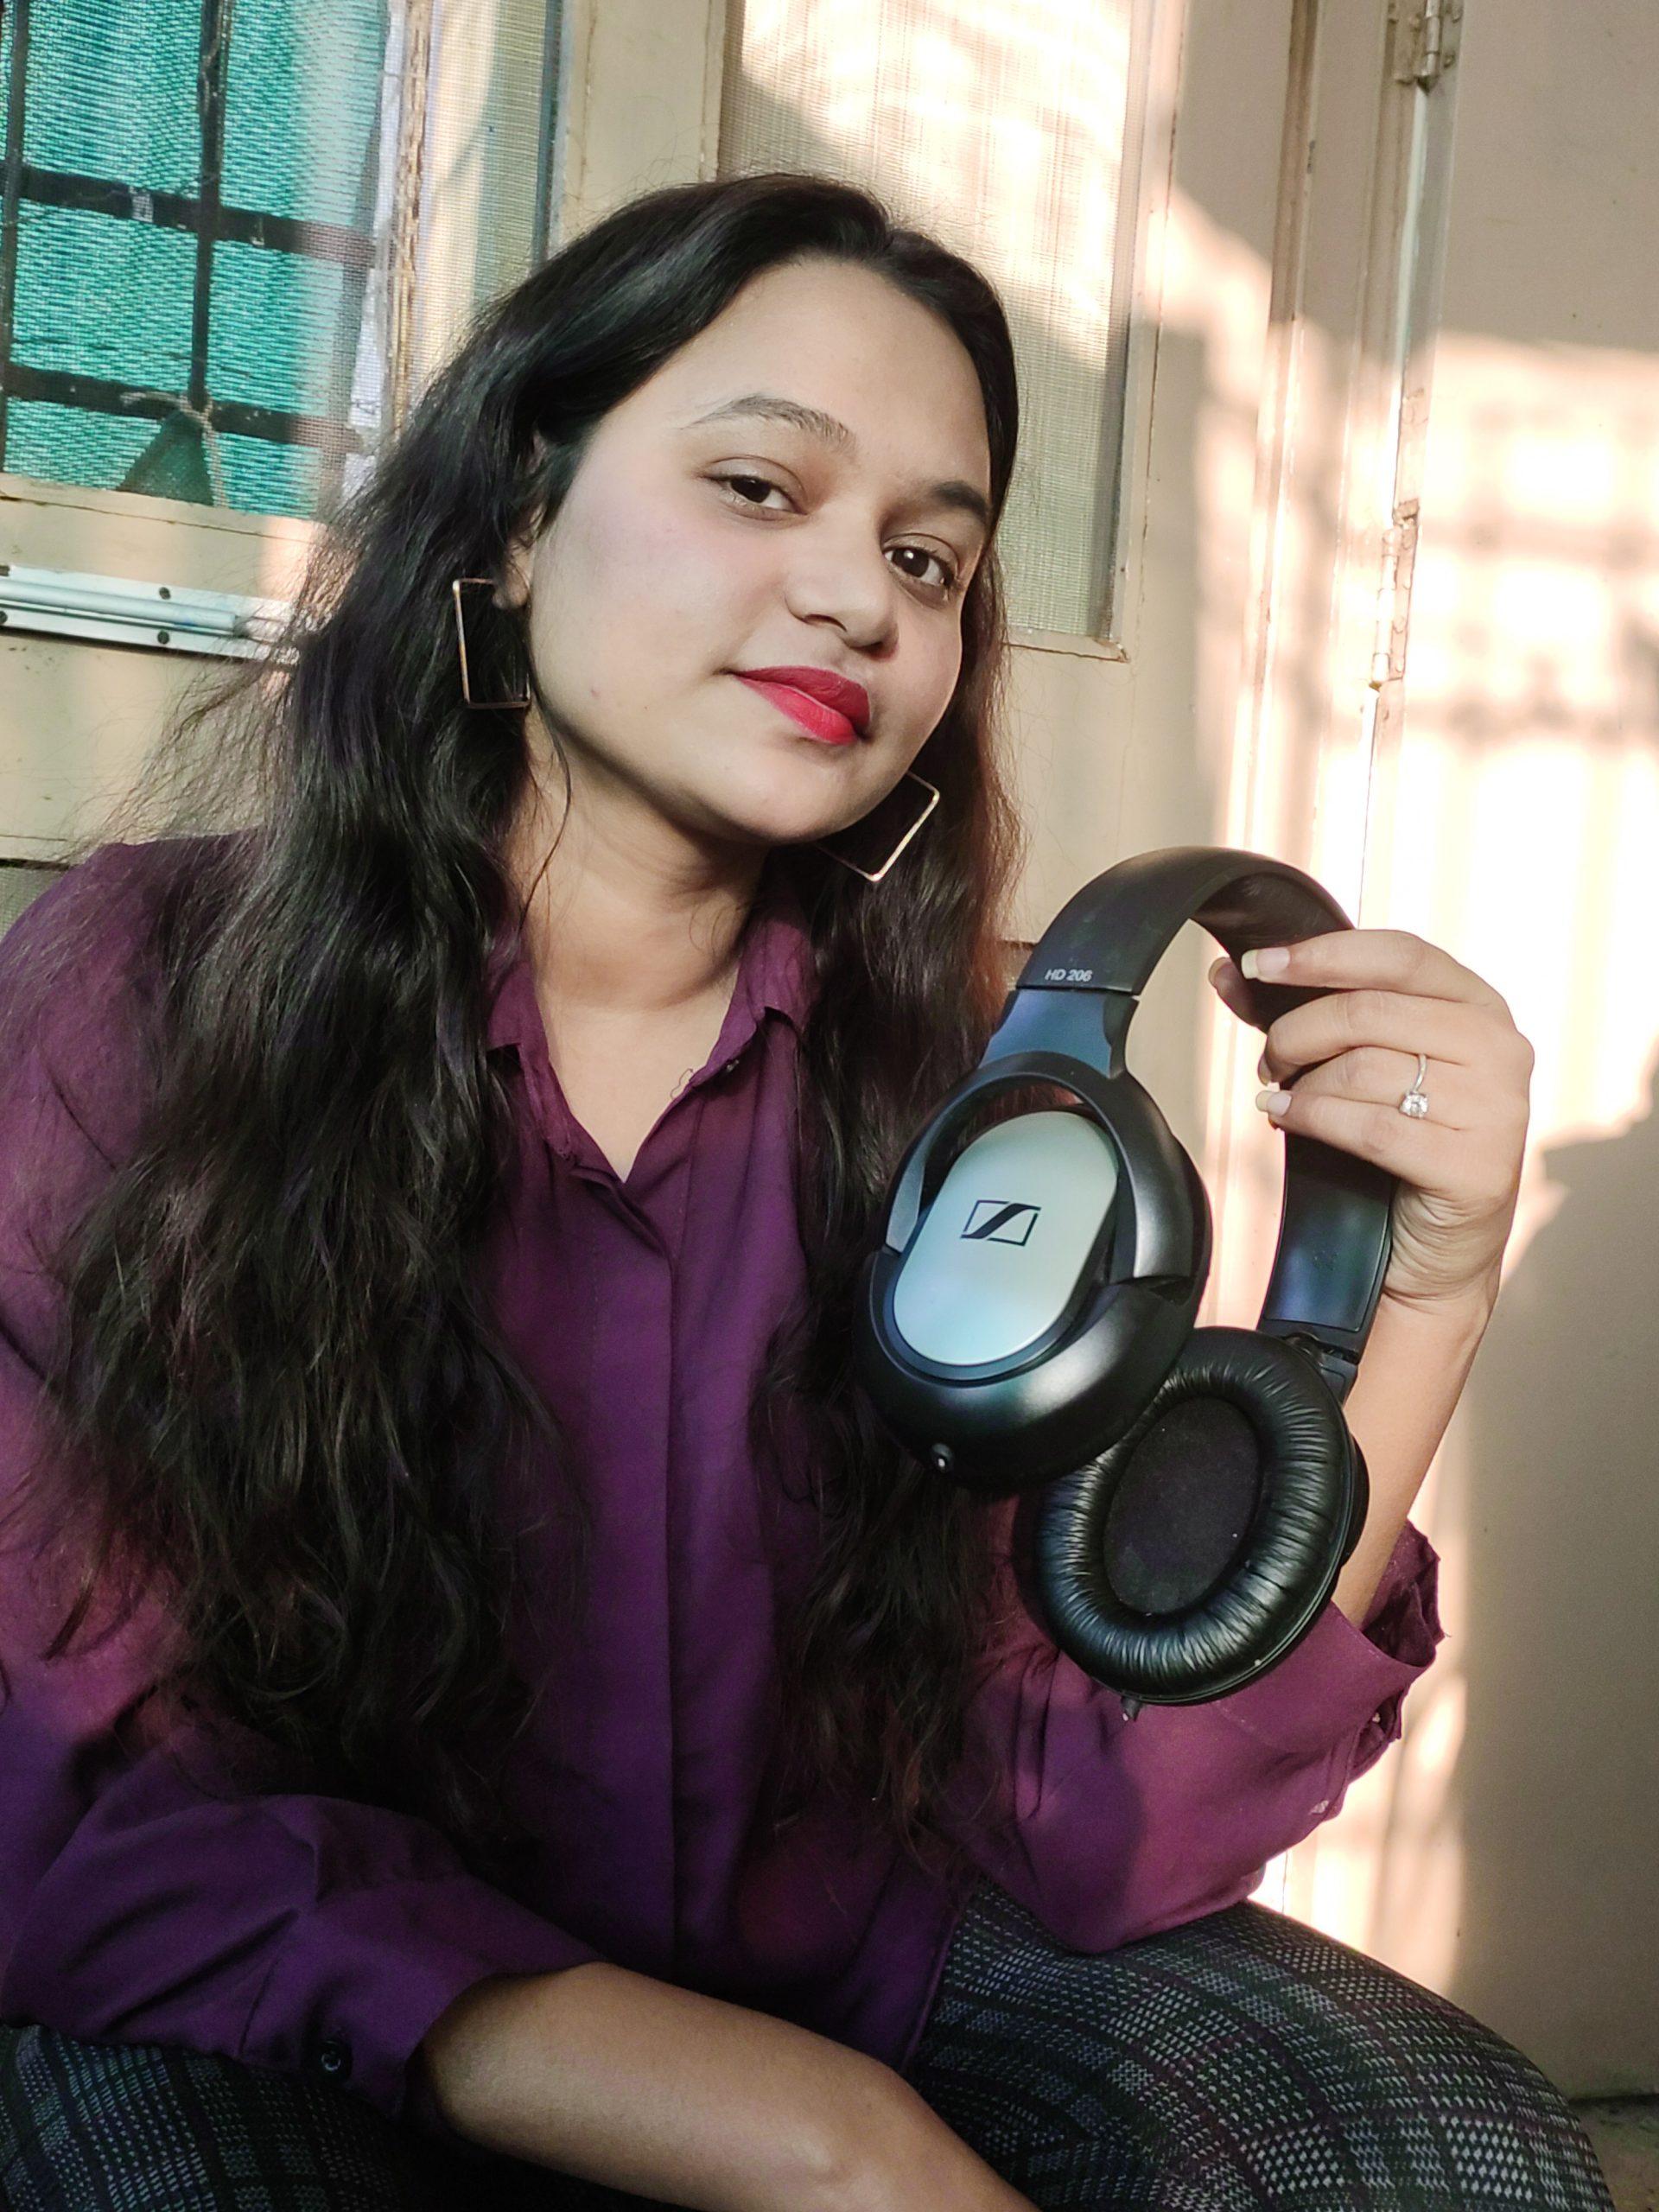 girl holding headphone